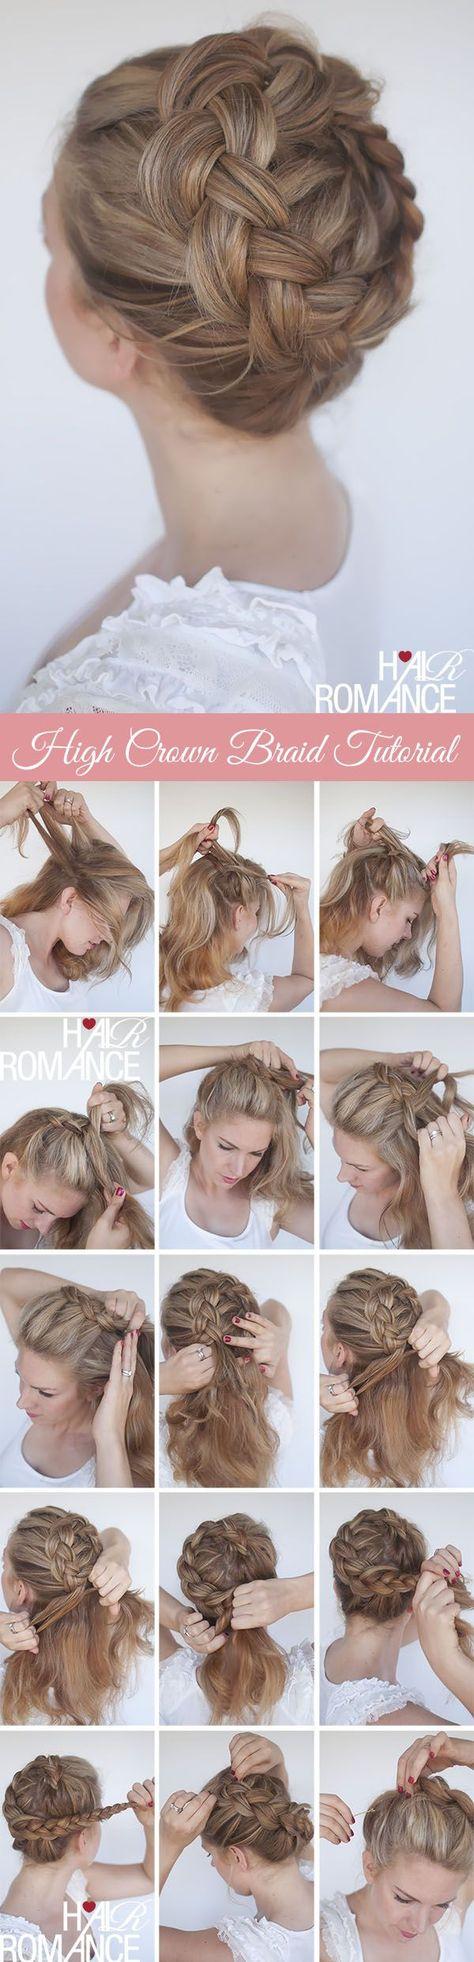 New braid tutorial - the high braided crown hairstyle - Hair Romance